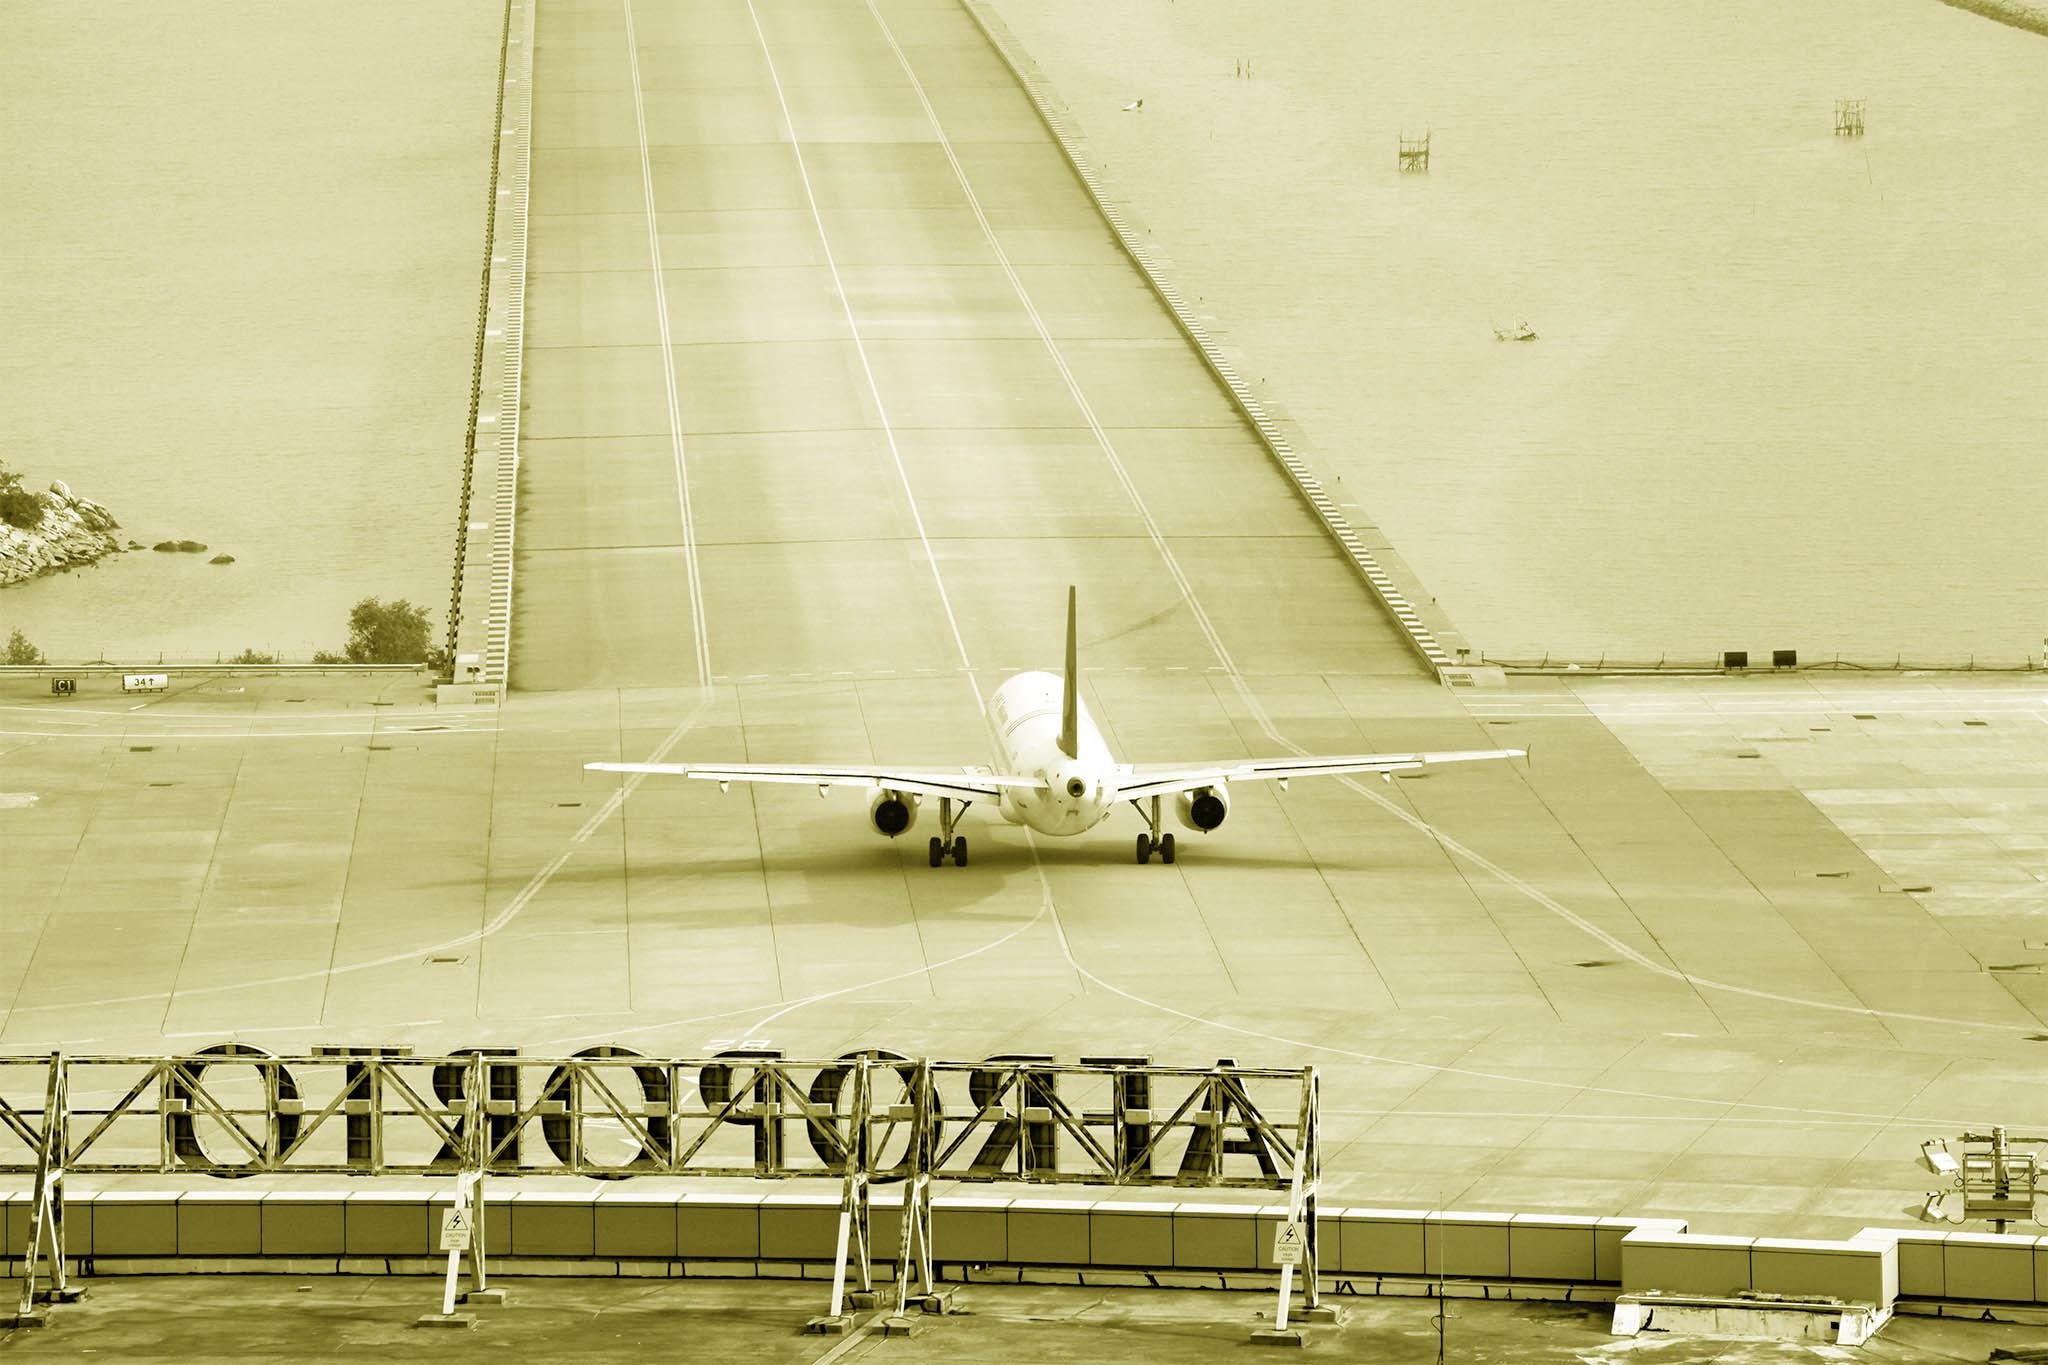 Aeroporto com recorde de 8,26 milhões de passageiros no ano passado